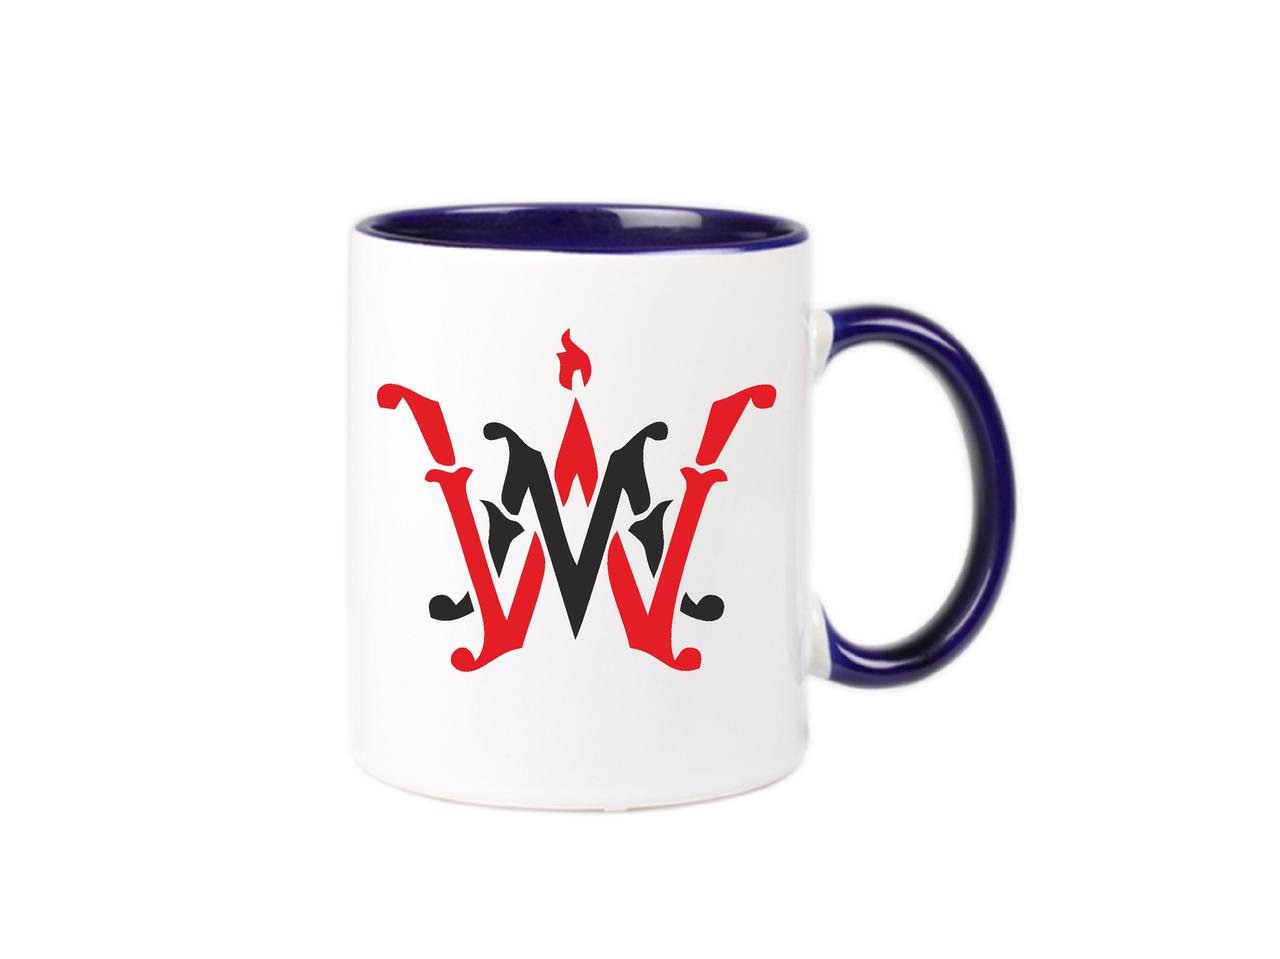 Кружка чашка мерч М5 Меджик файф Magic Five печать на чашках Кружка чашка принт